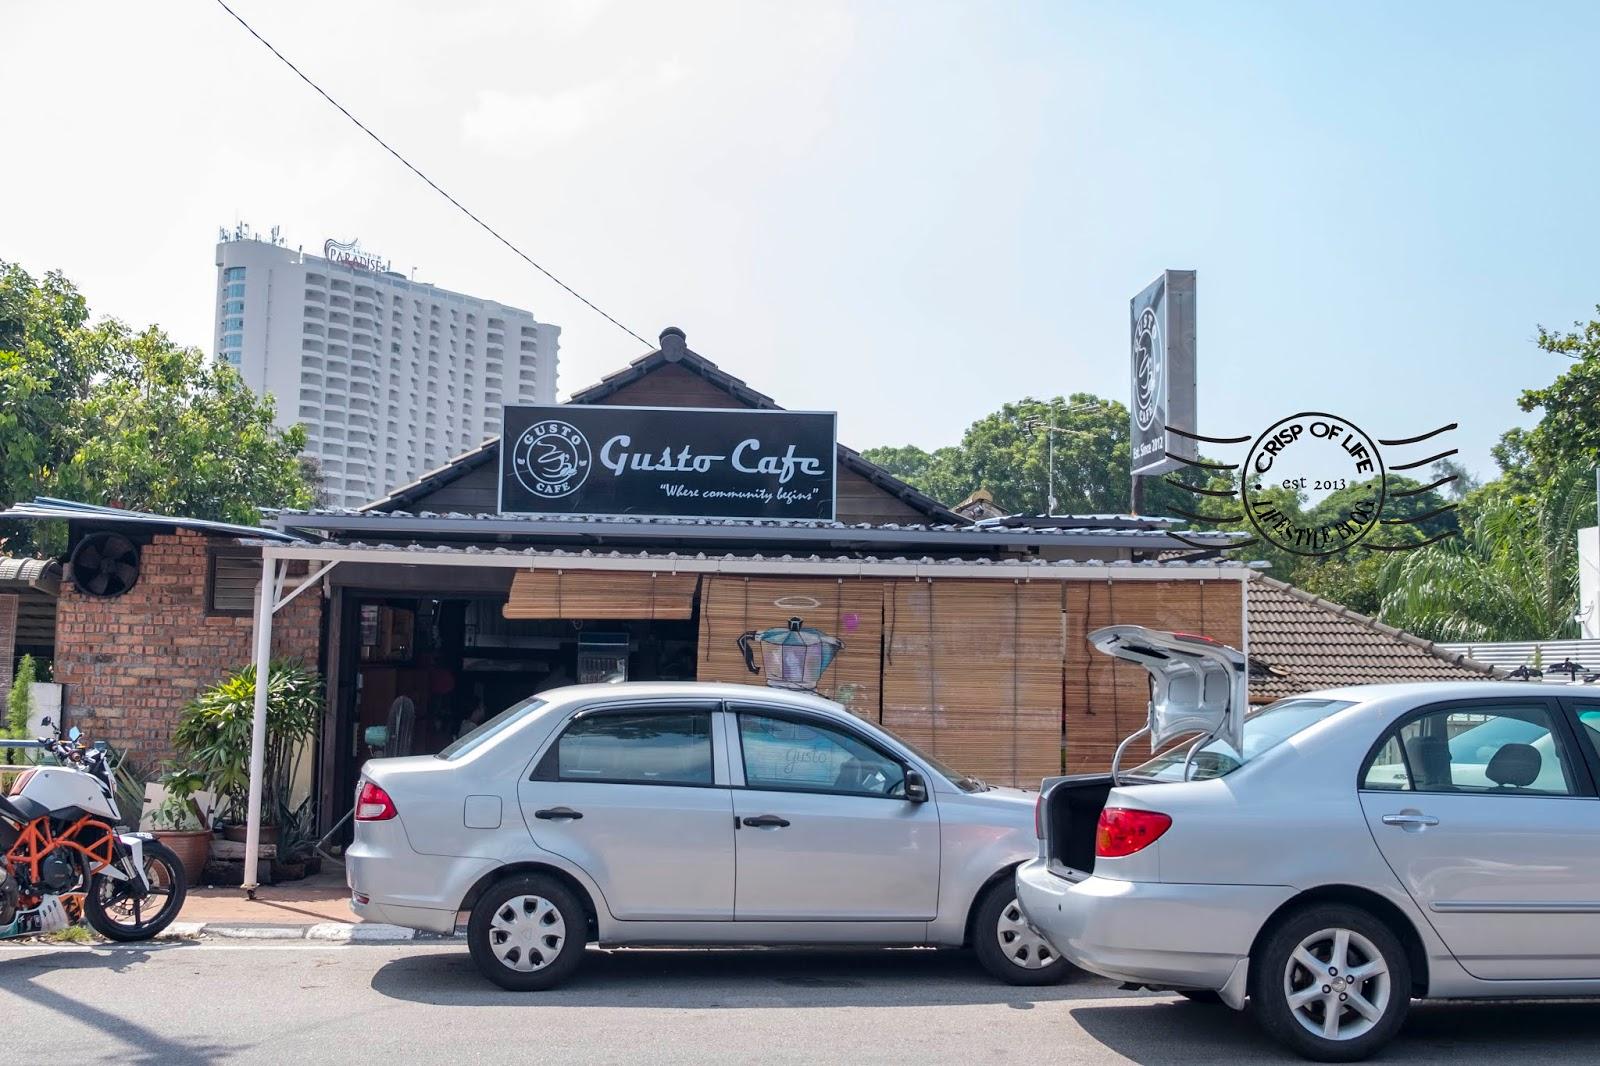 Gusto Cafe @ Jalan Sungai Kelian Tanjung Bungah, Penang